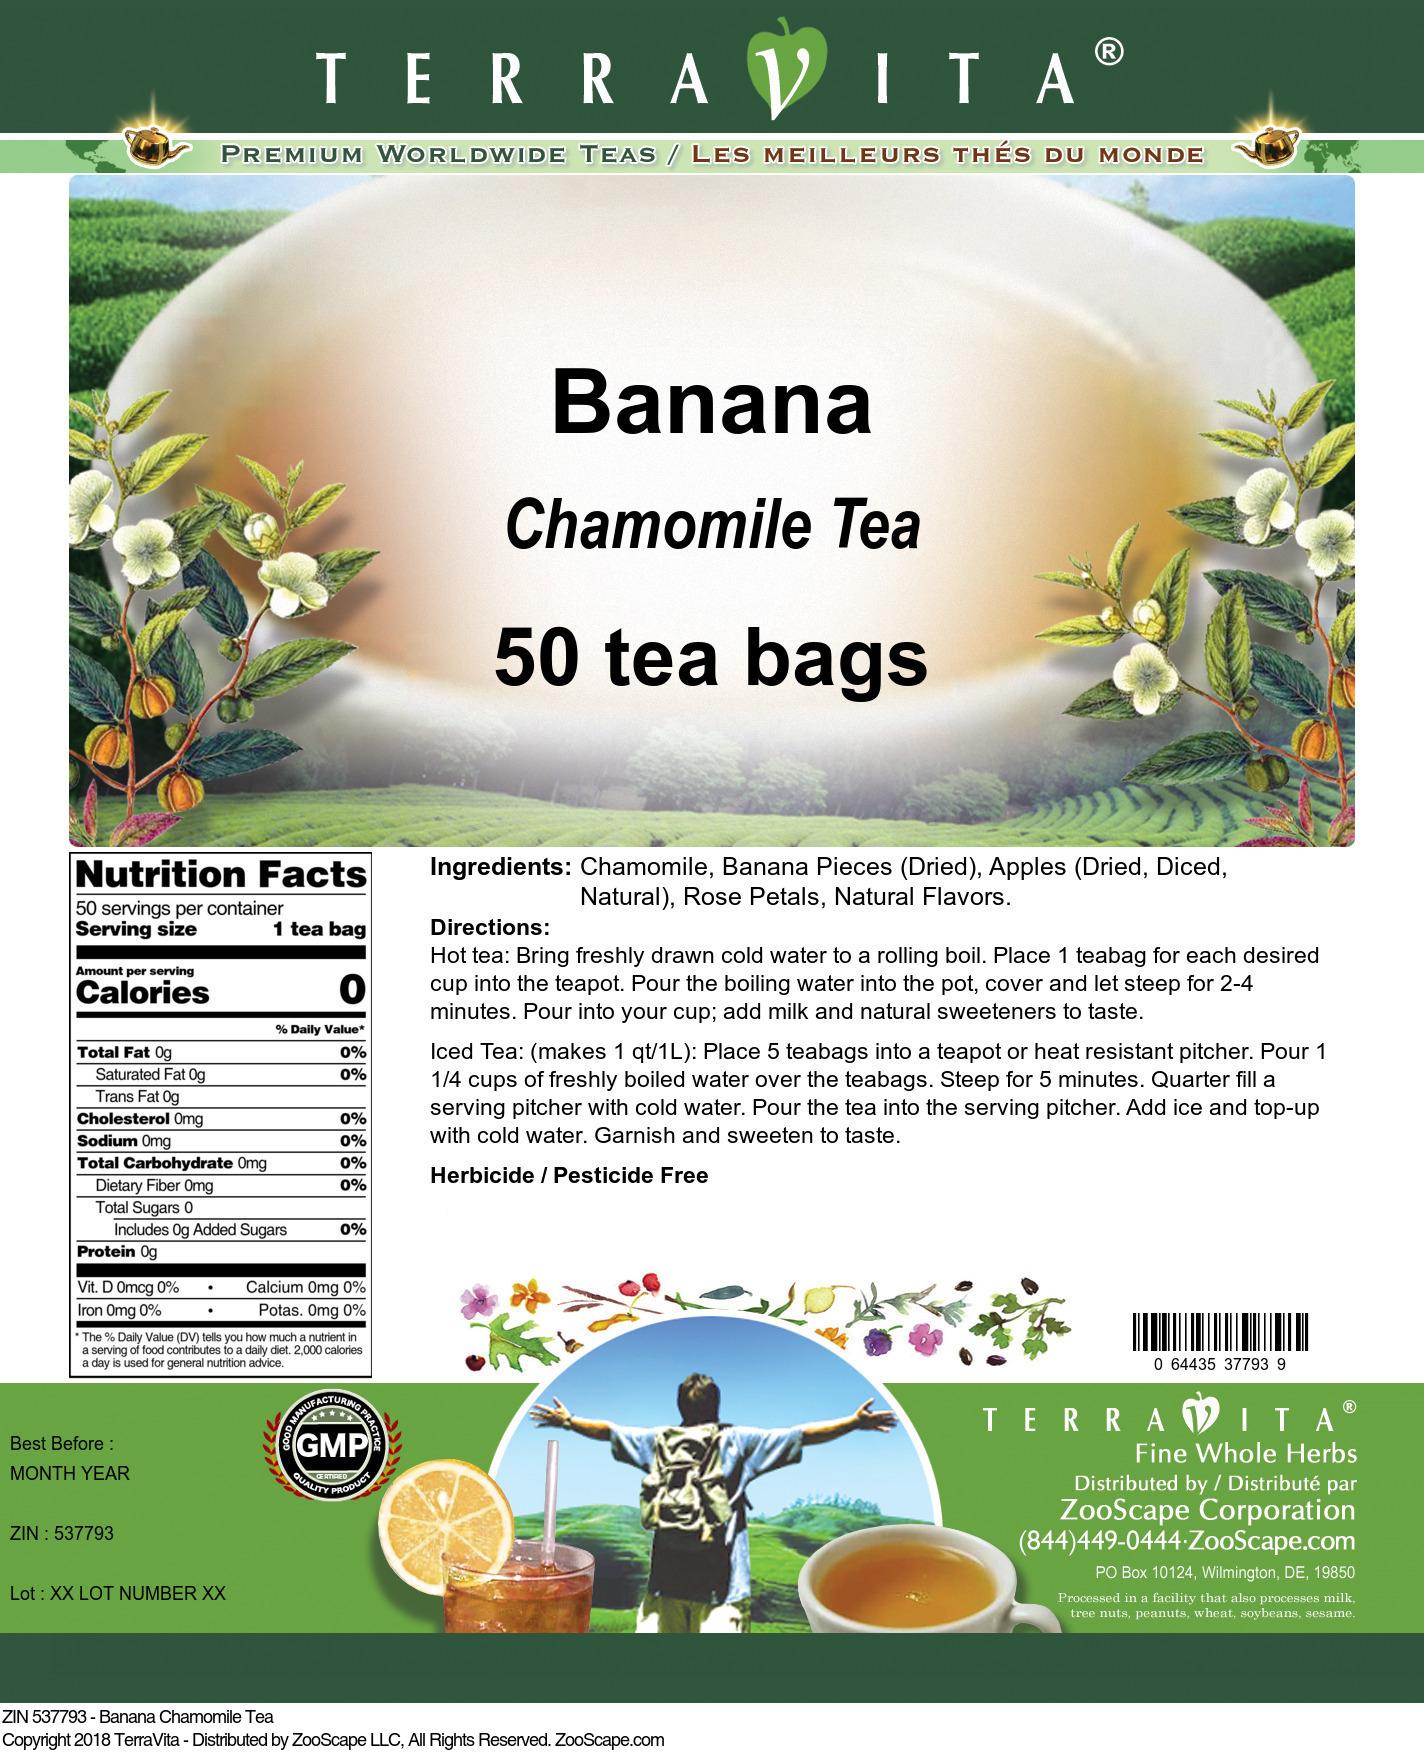 Banana Chamomile Tea